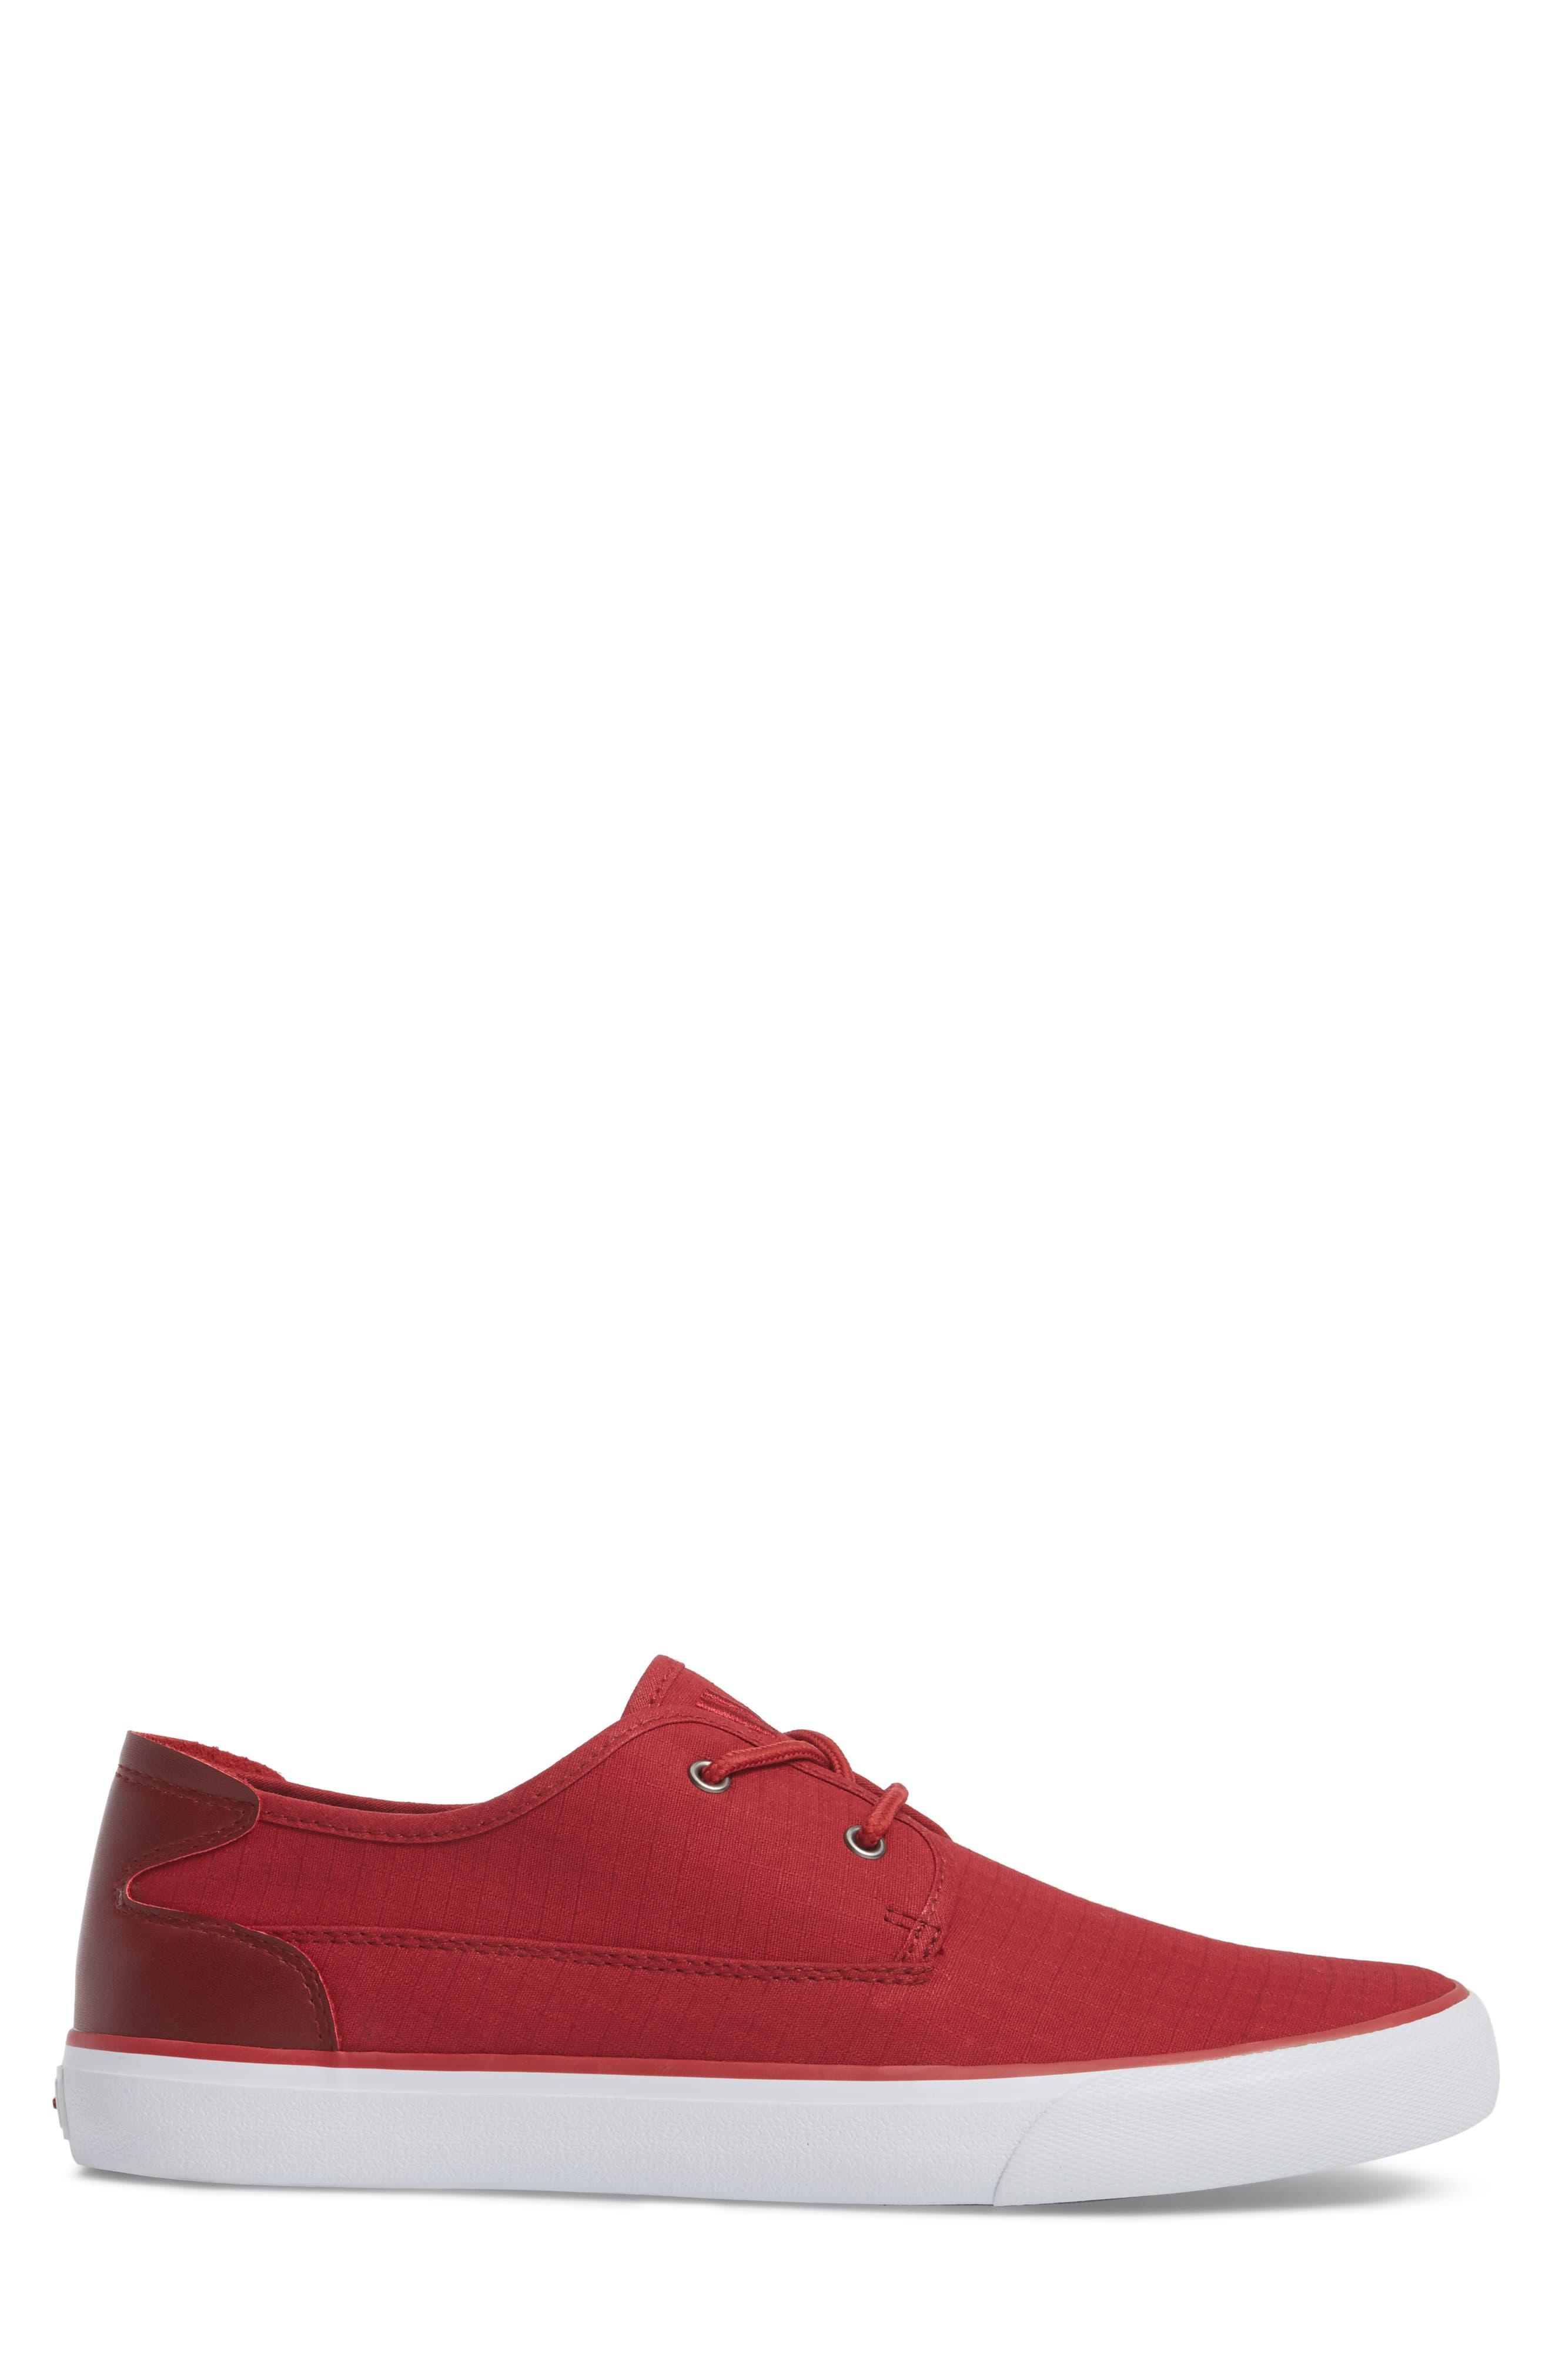 Morris Sneaker,                             Alternate thumbnail 3, color,                             RED/ WHITE